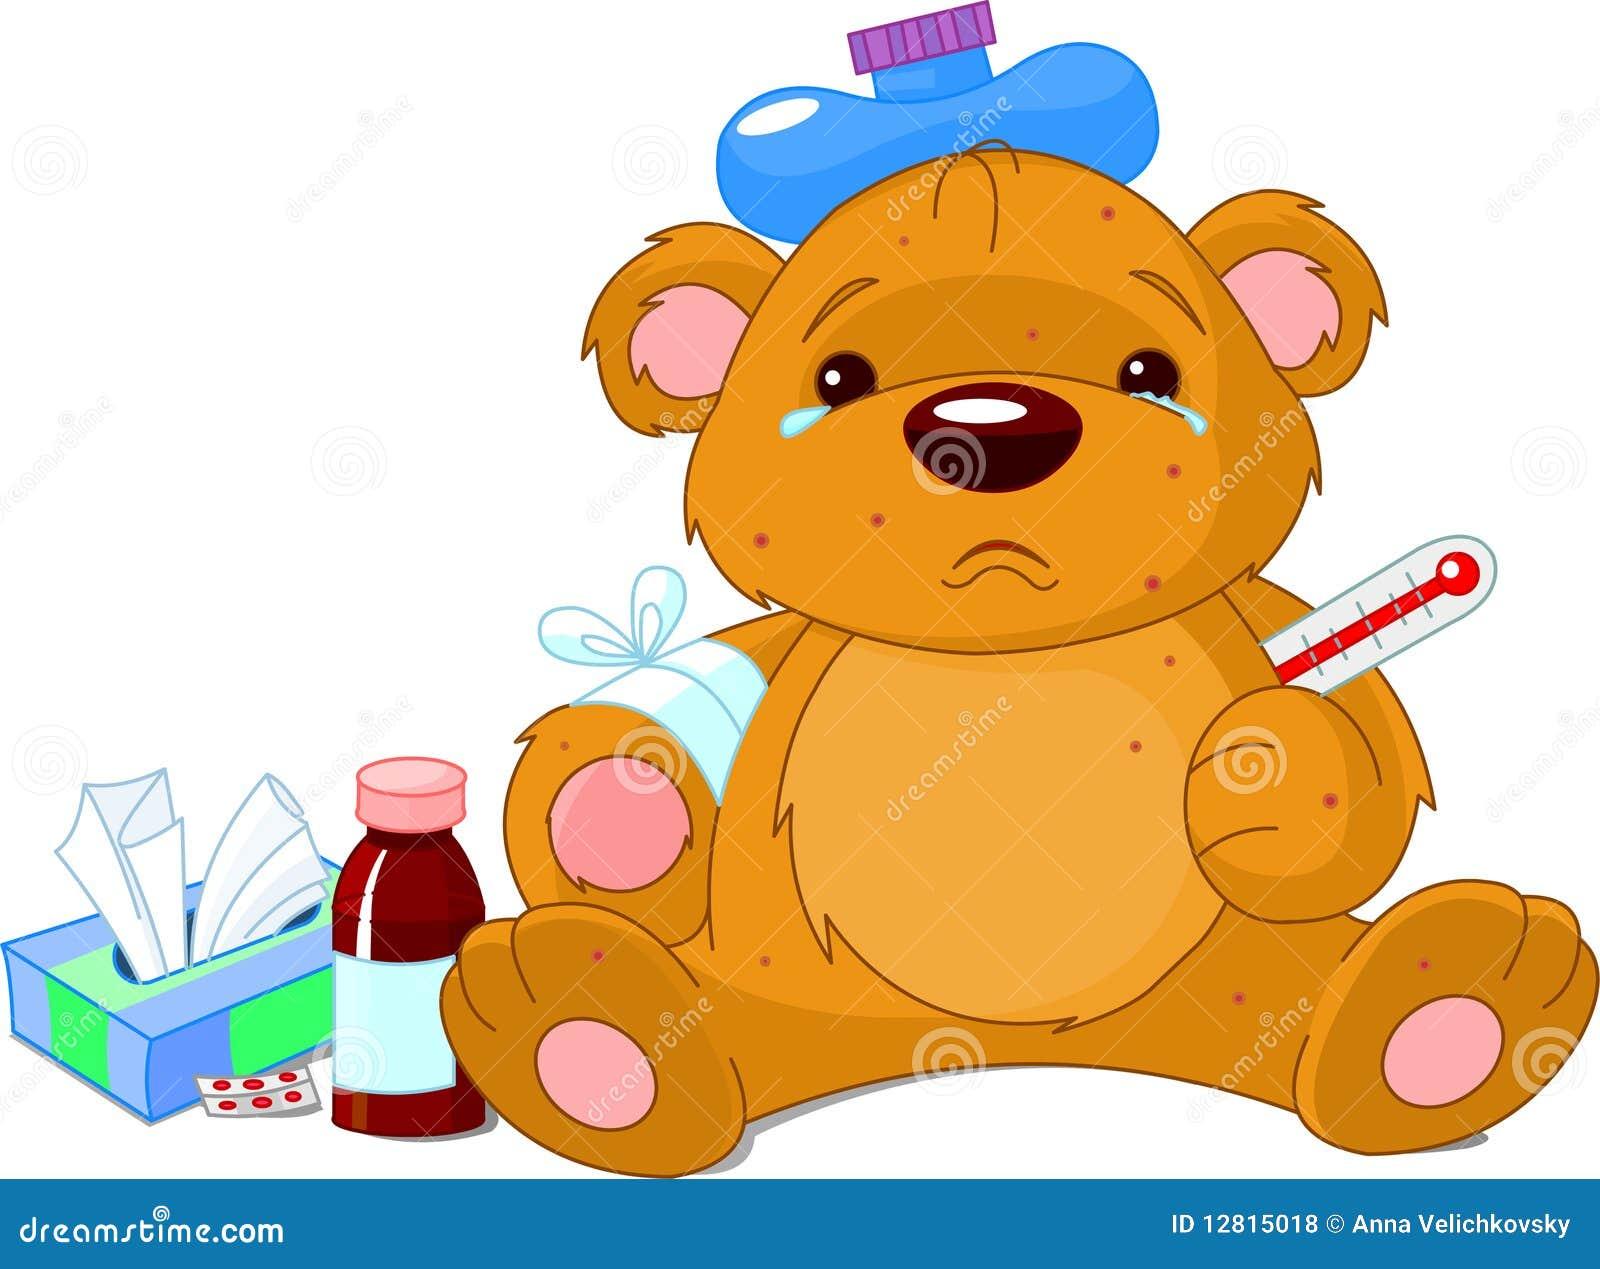 Bildresultat för bilder gratis barn sjuka